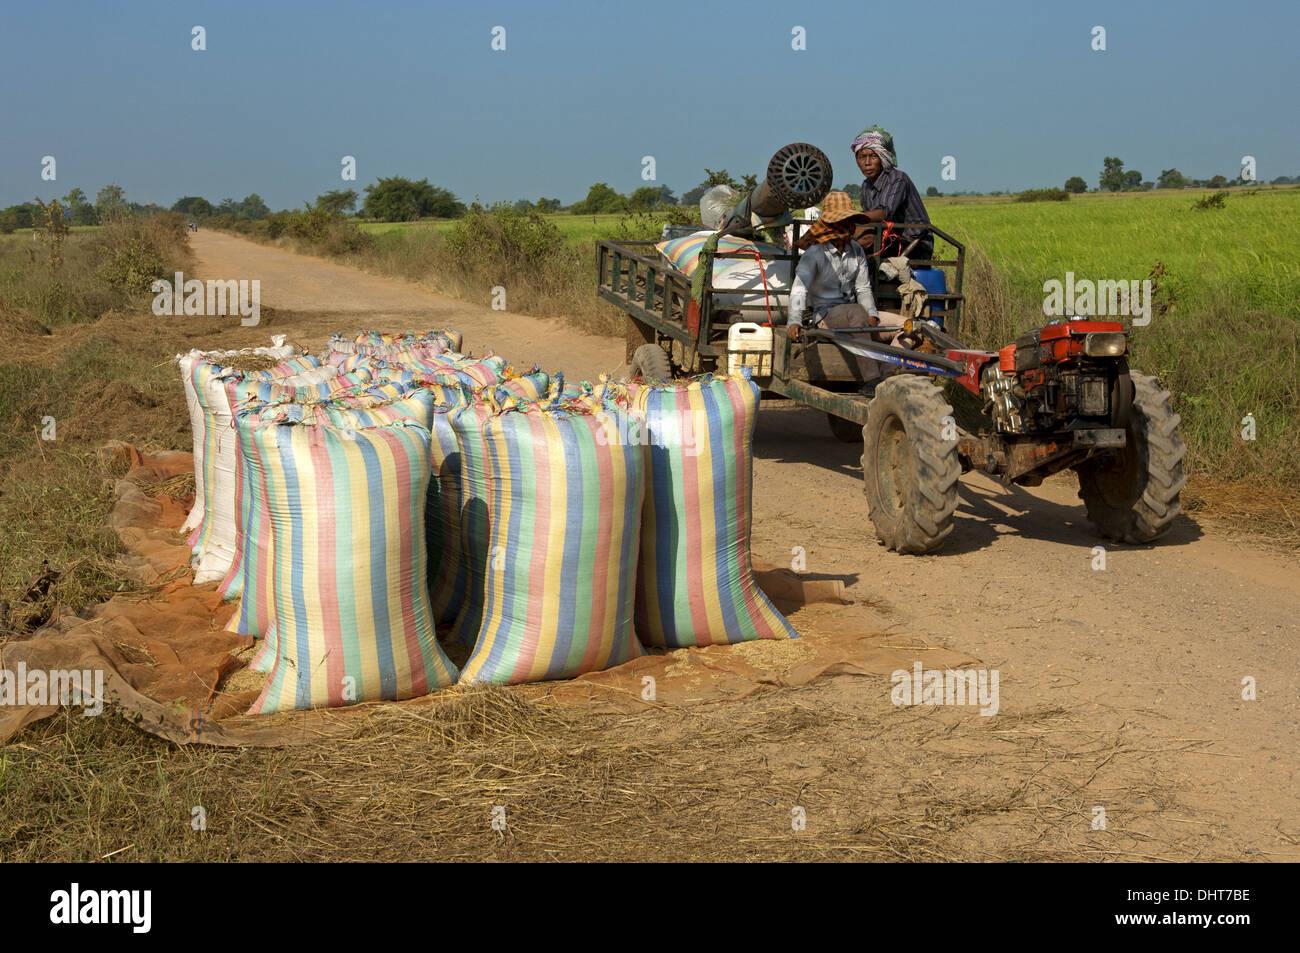 Abultamiento de sacos de arroz por la carretera, Camboya Foto de stock